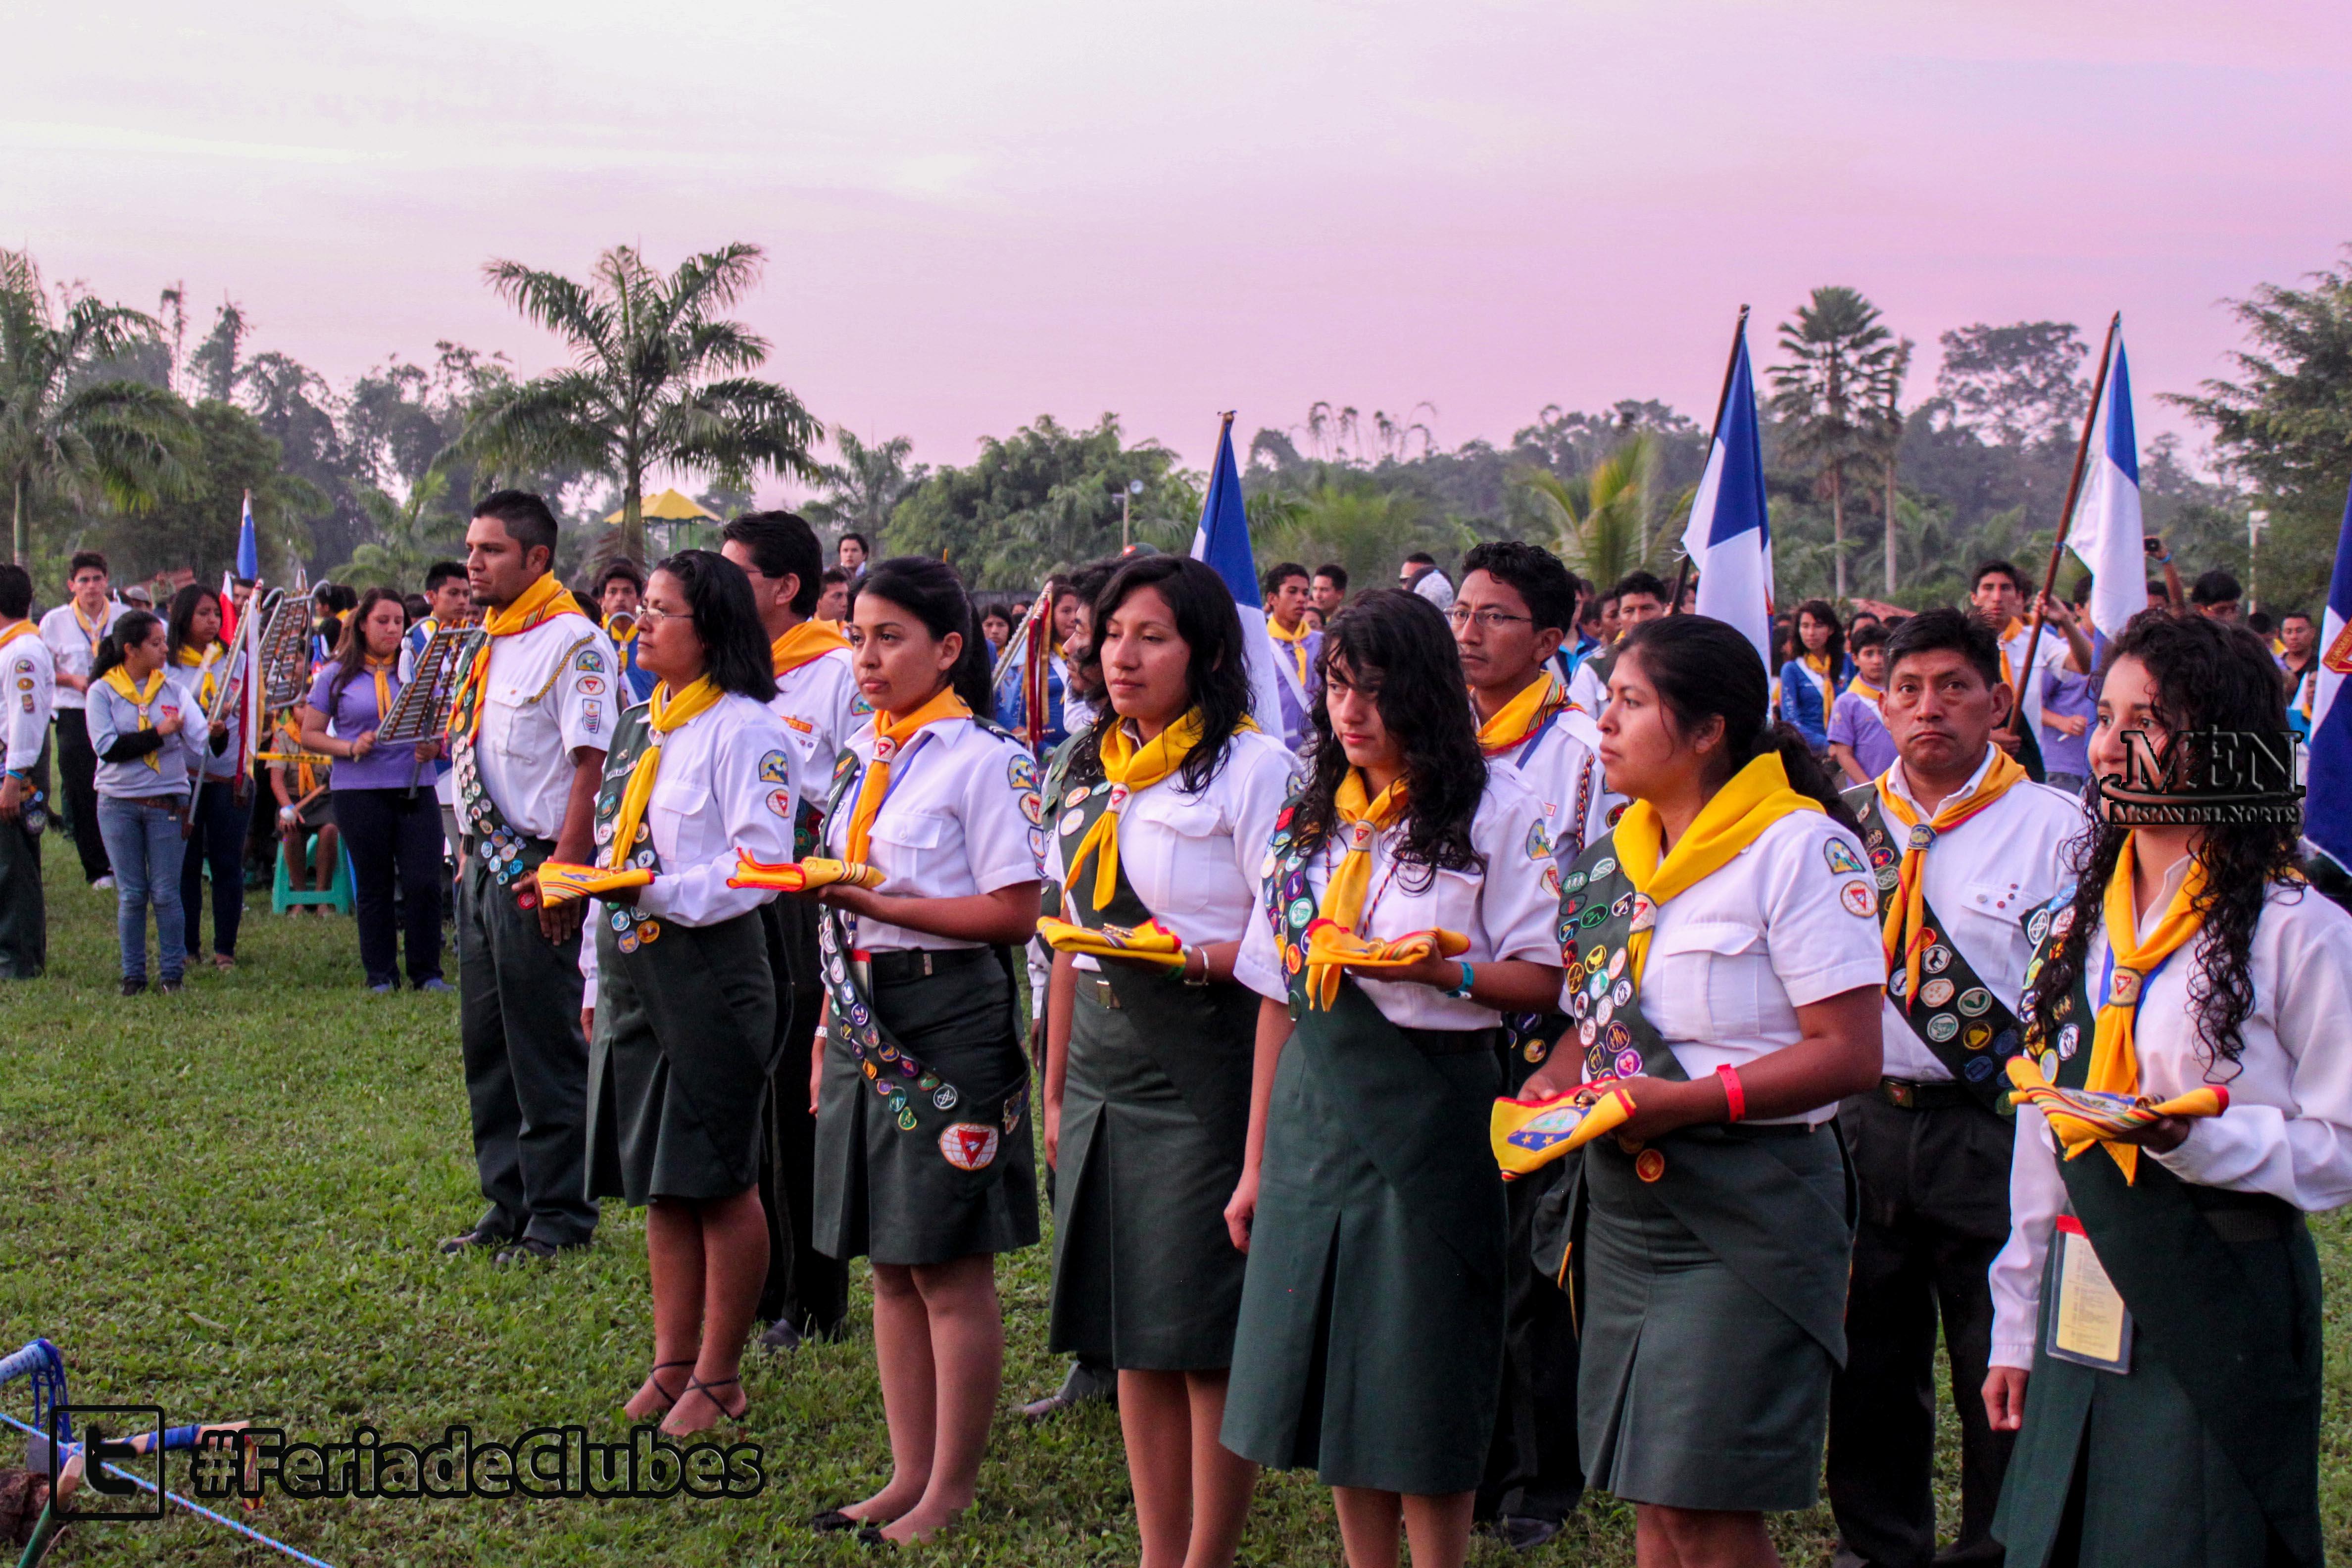 Conquistadores calebs y aventureros se suman al trabajo for Ministerios del ecuador